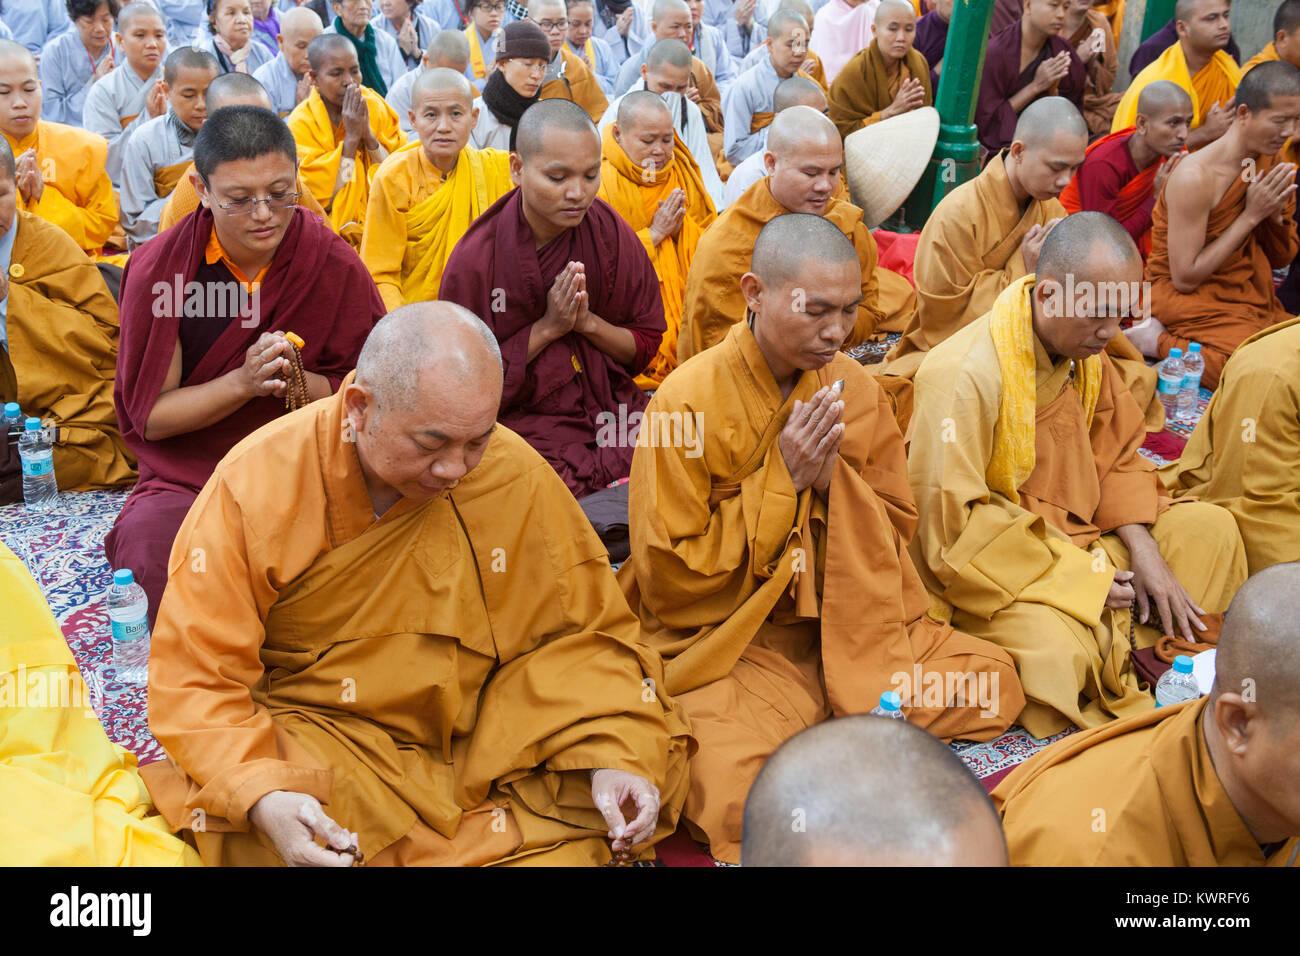 Moines priant au pied de l'arbre de la Bodhi (où le Bouddha est dit avoir obtenu l'illumination) à Photo Stock